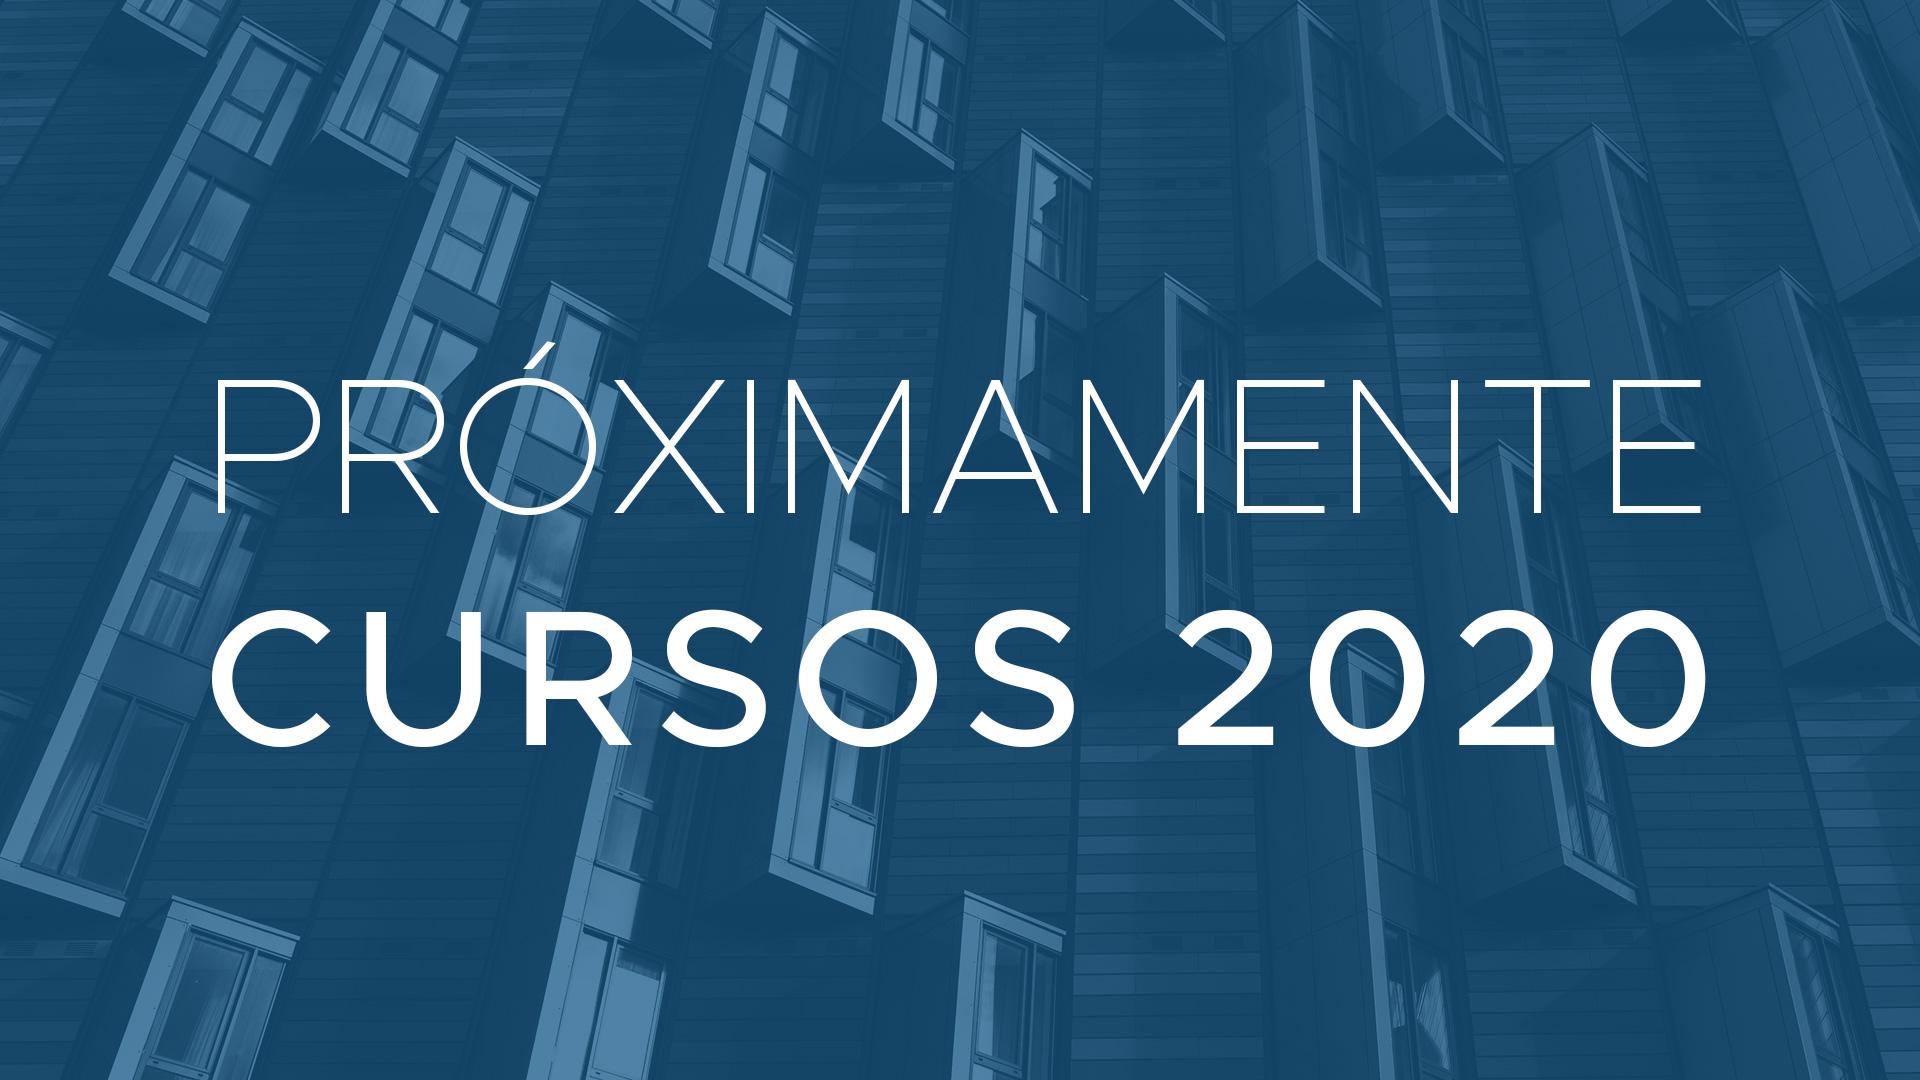 cursos-2020